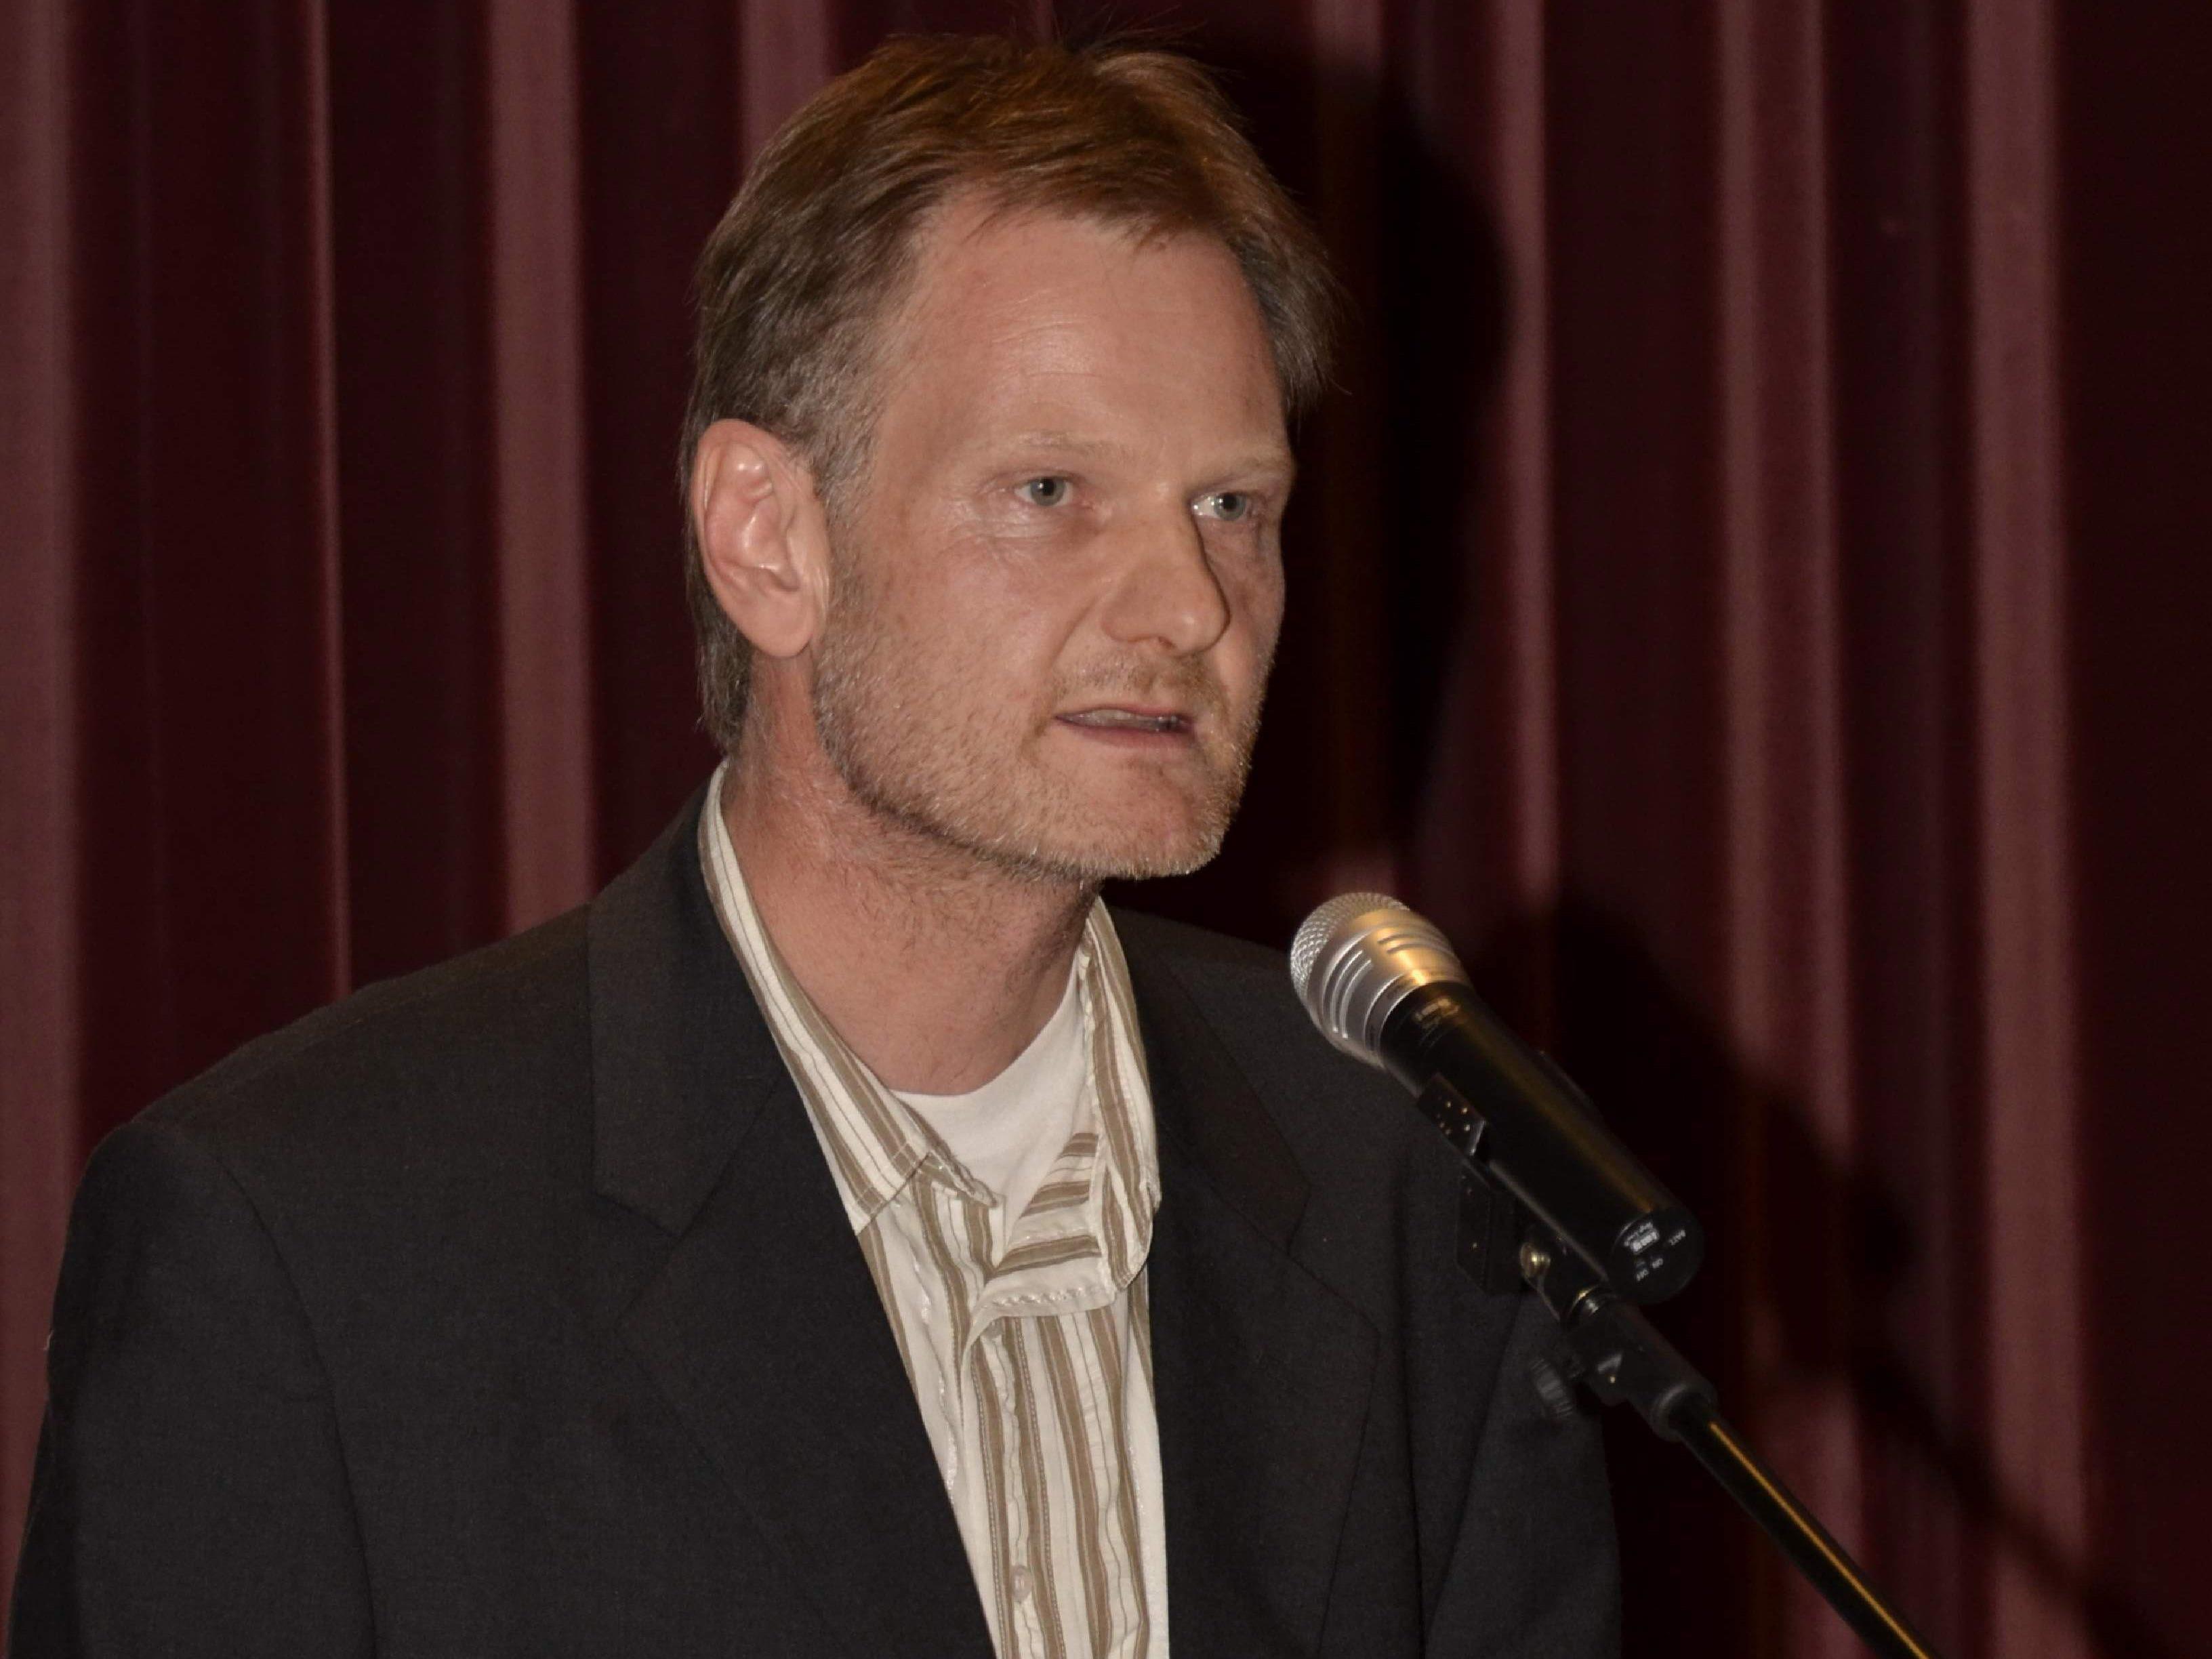 Kurt Bereuter vom Kulturforum Bregenzerwald wird die TTIP-Diskussion moderieren.